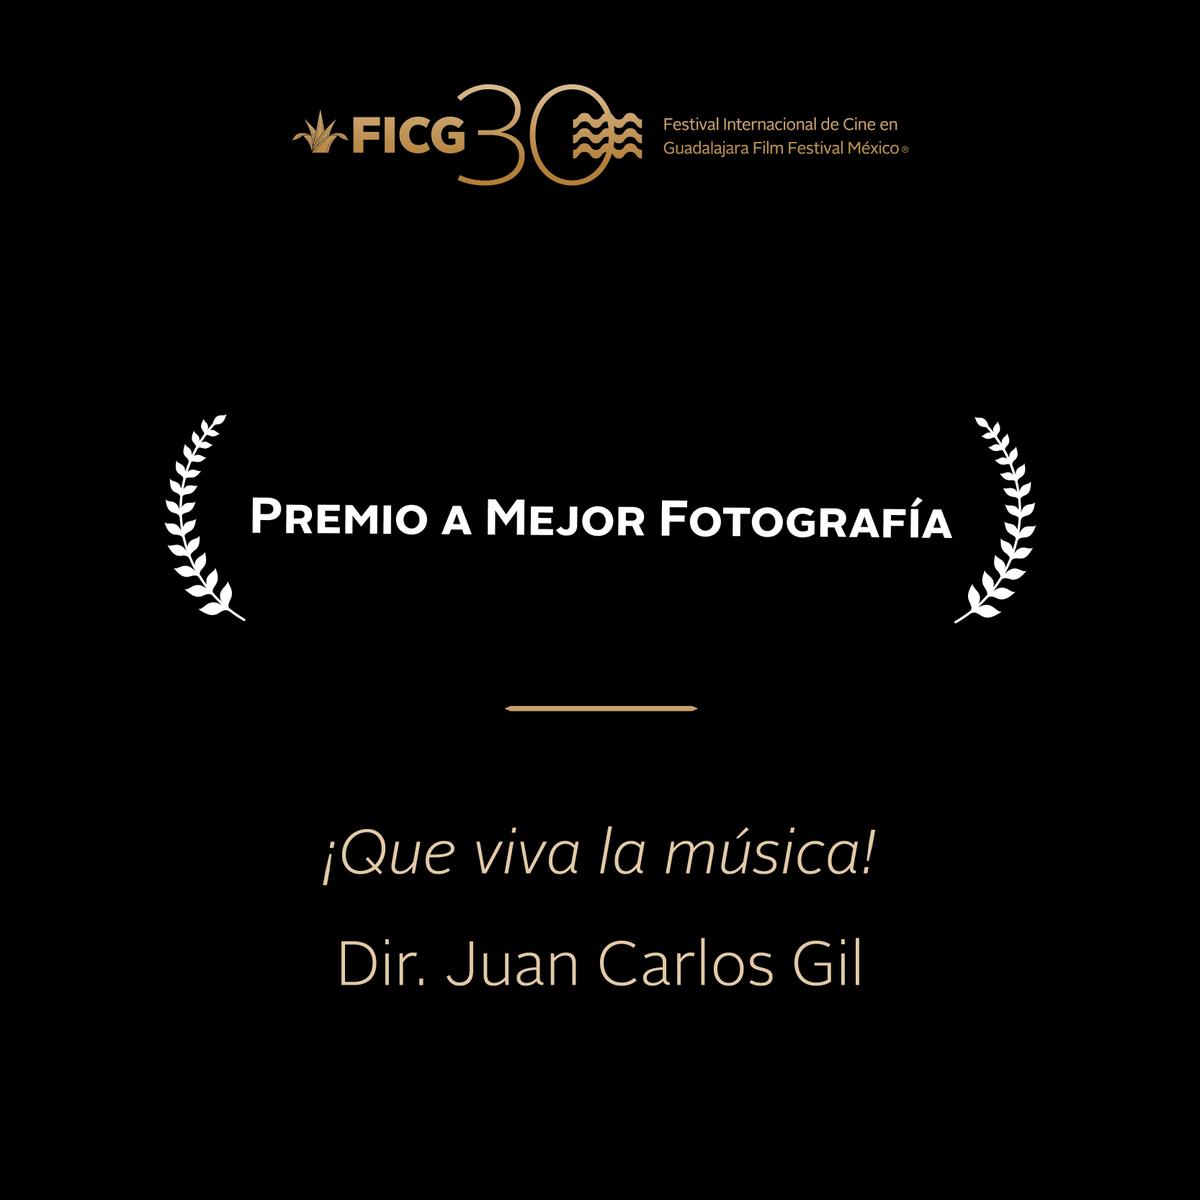 #FICG30  - Premio a Mejor Fotografía ''¡Que viva la música!'' / Dir. Juan Carlos Gil. http://t.co/GUTrtOVJDs